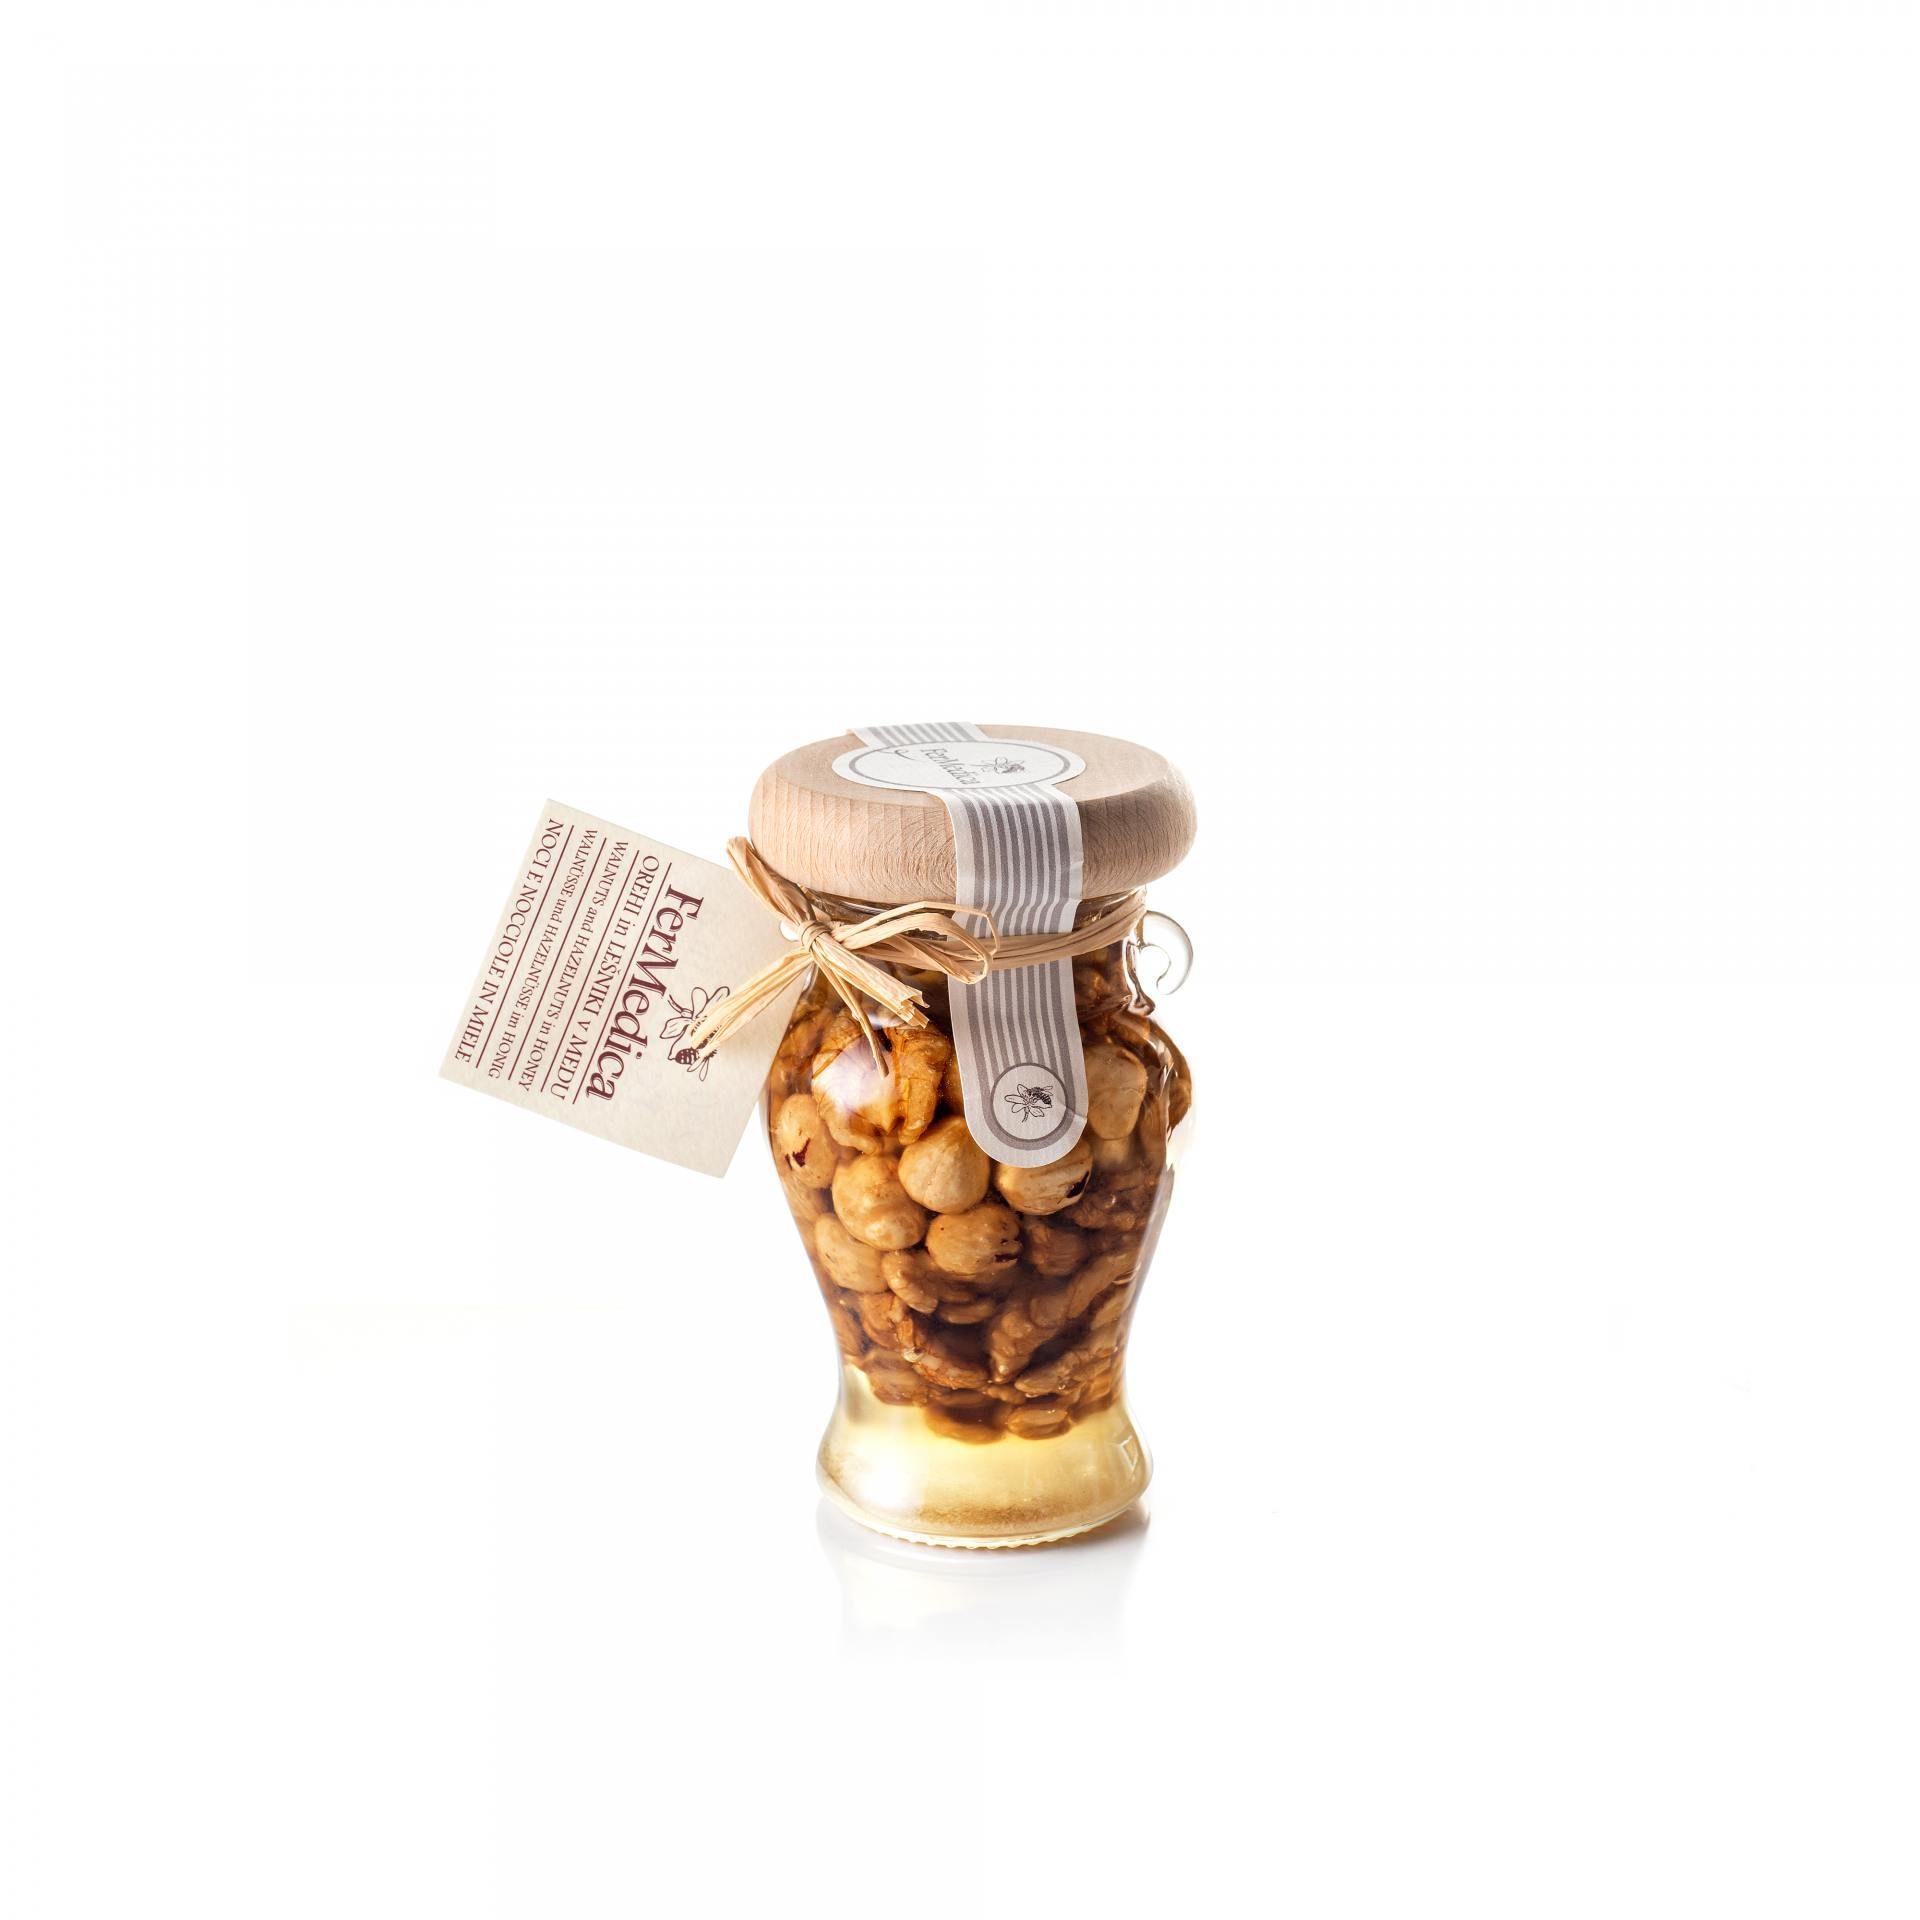 Med in žganje, med z dodatki, darilni seti v lični embalaži fermedica 69